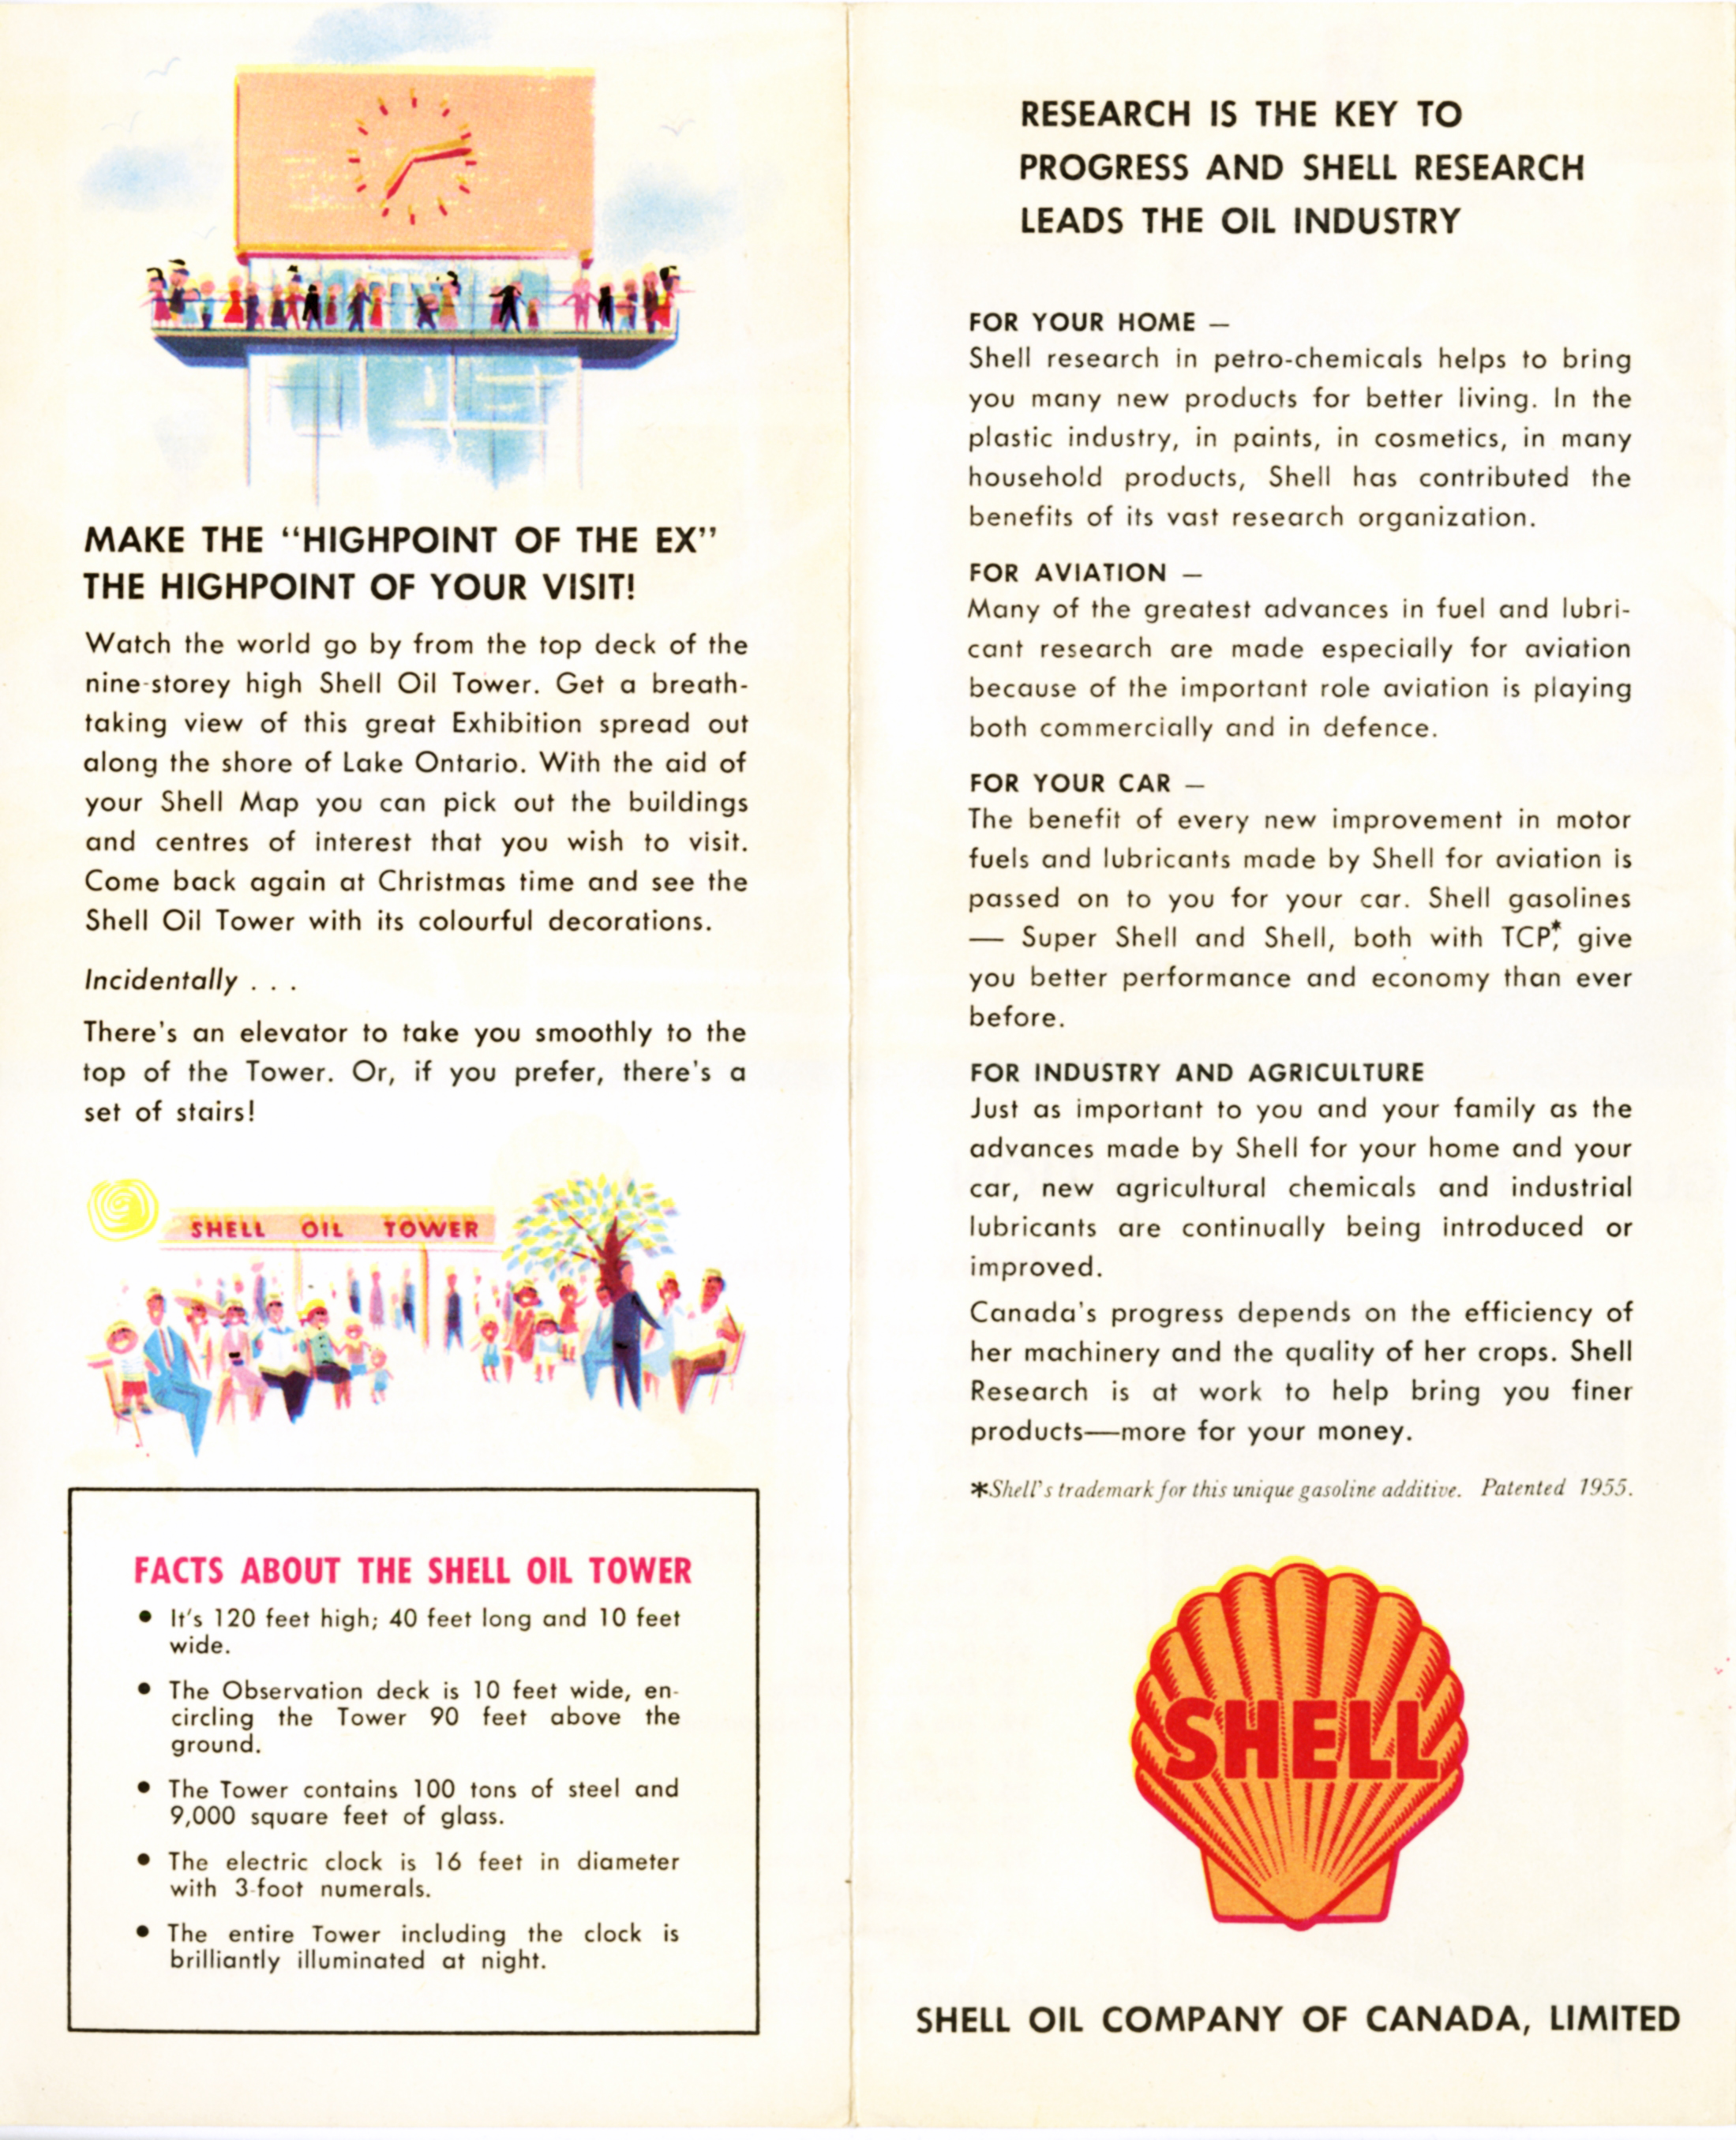 shell-oil-tower-brochure-3.jpg